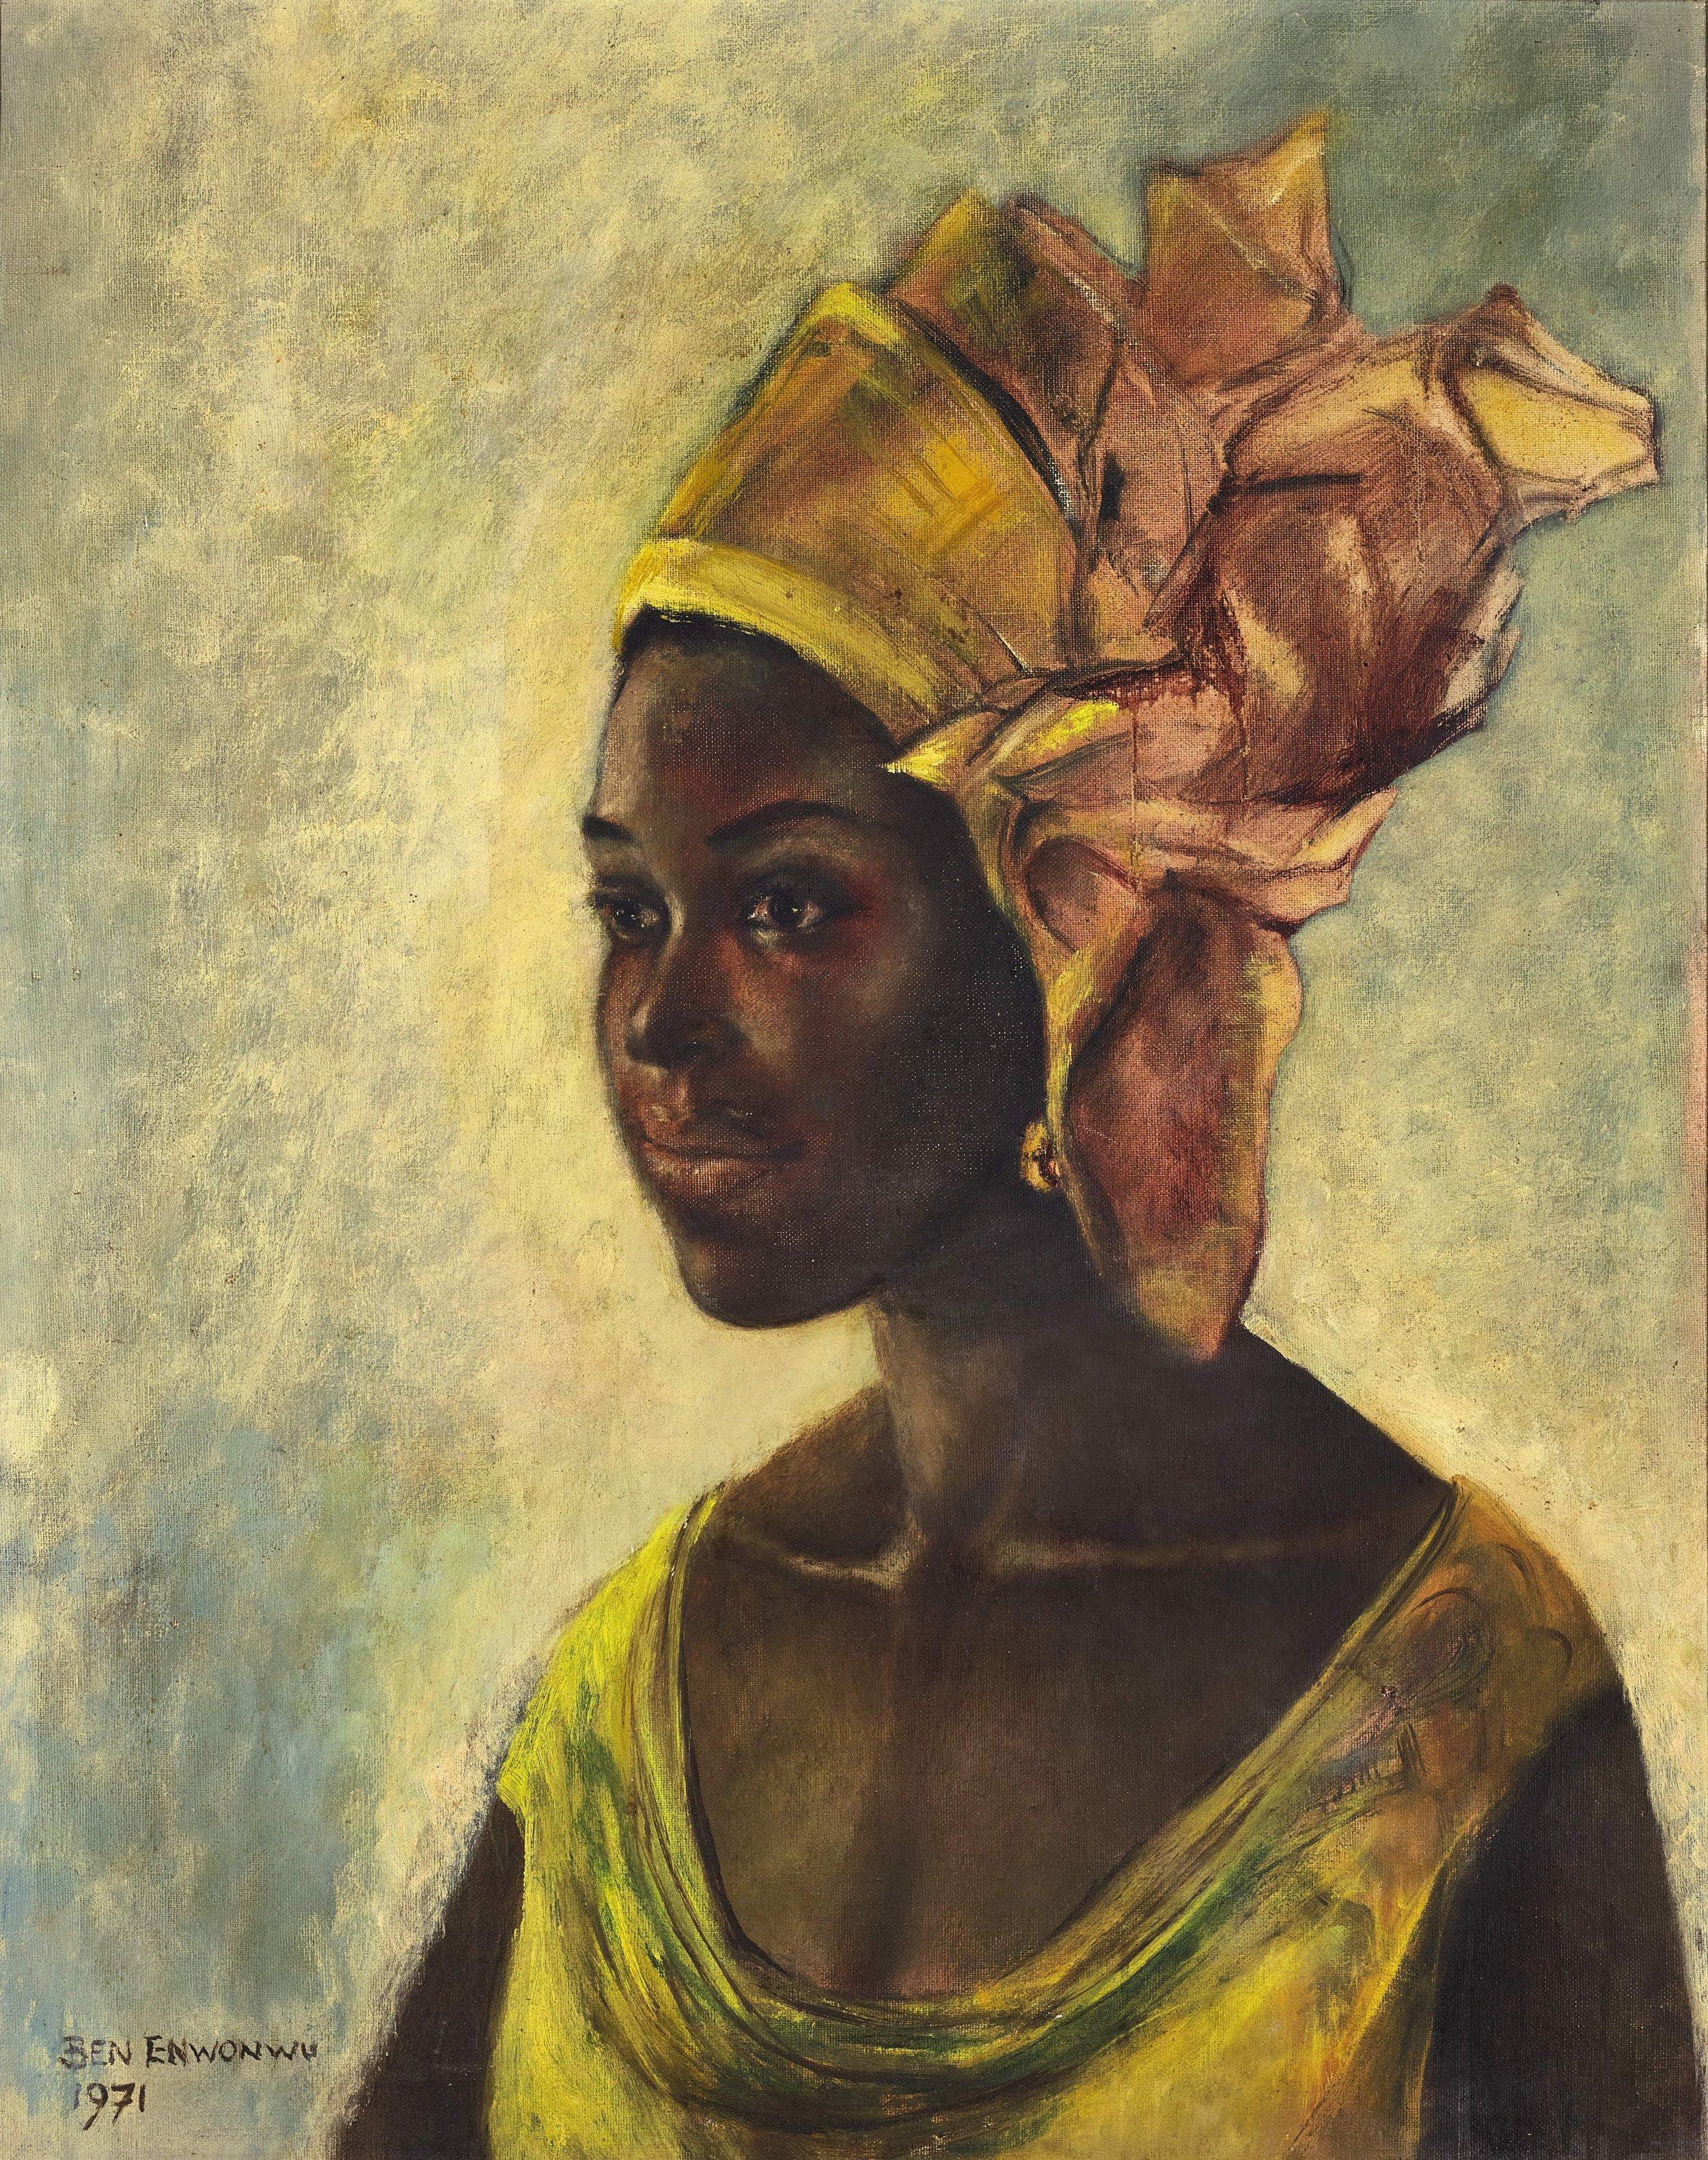 Ben Enwonwu,'s Christine, 1971.  Image courtesy of Sotheby's